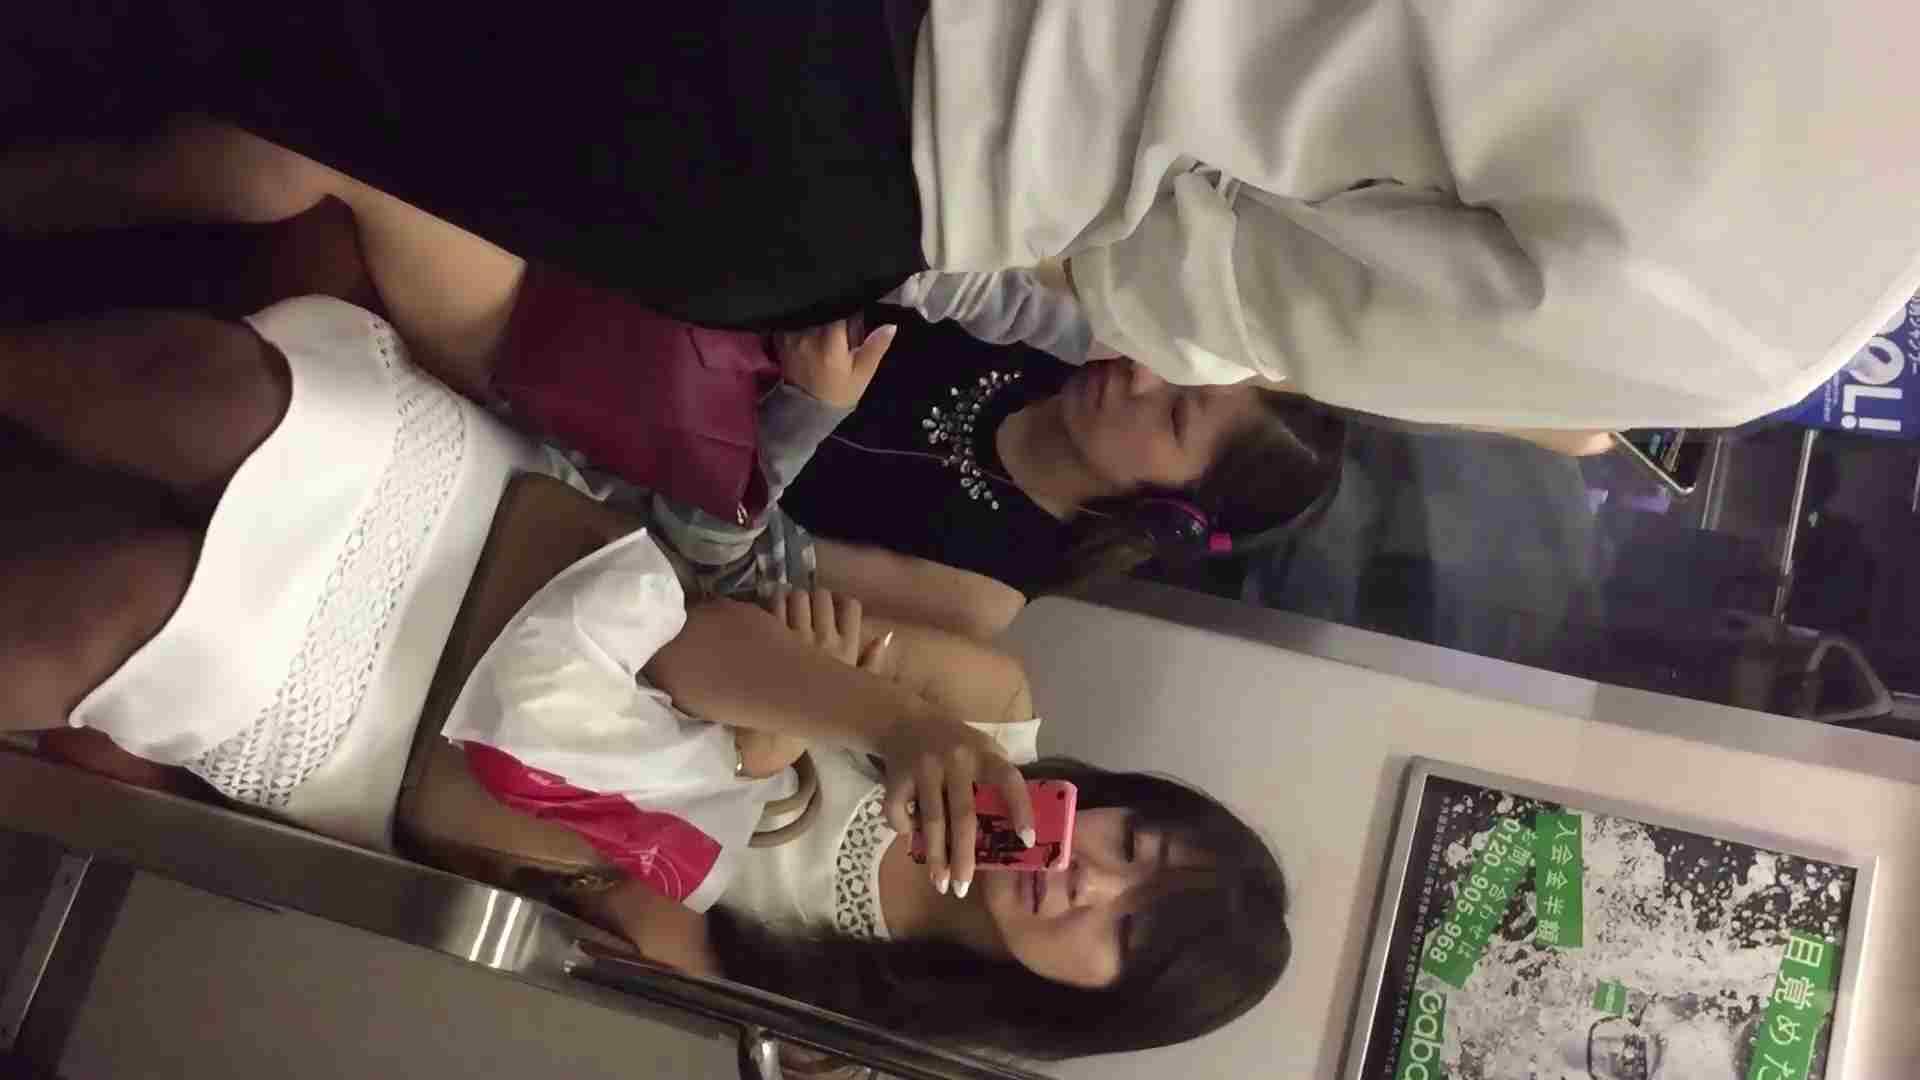 盗撮列車 vol.07 白スカートの中は爽やかな… 車  66連発 6